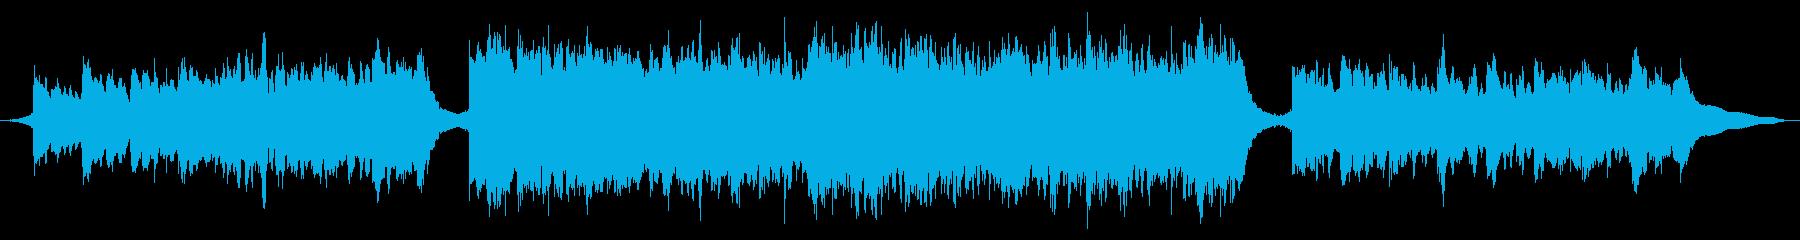 現代の交響曲 広い 壮大 厳Sol...の再生済みの波形